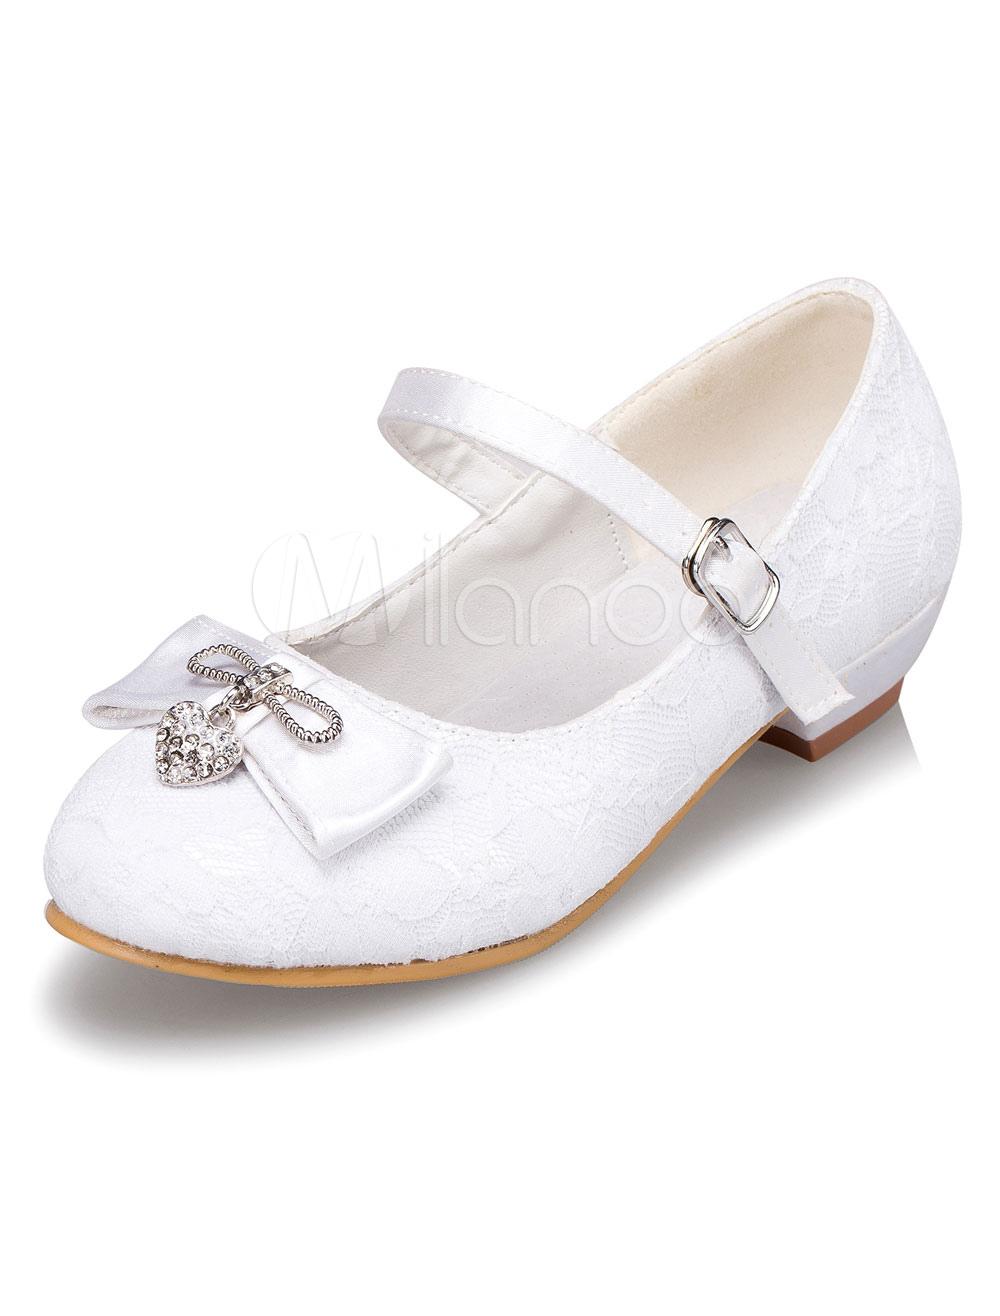 b0ca9d70f ... Lazo blanco niña de las flores las correas PU zapatos para niñas -No.7.  12. -20%. color blanco